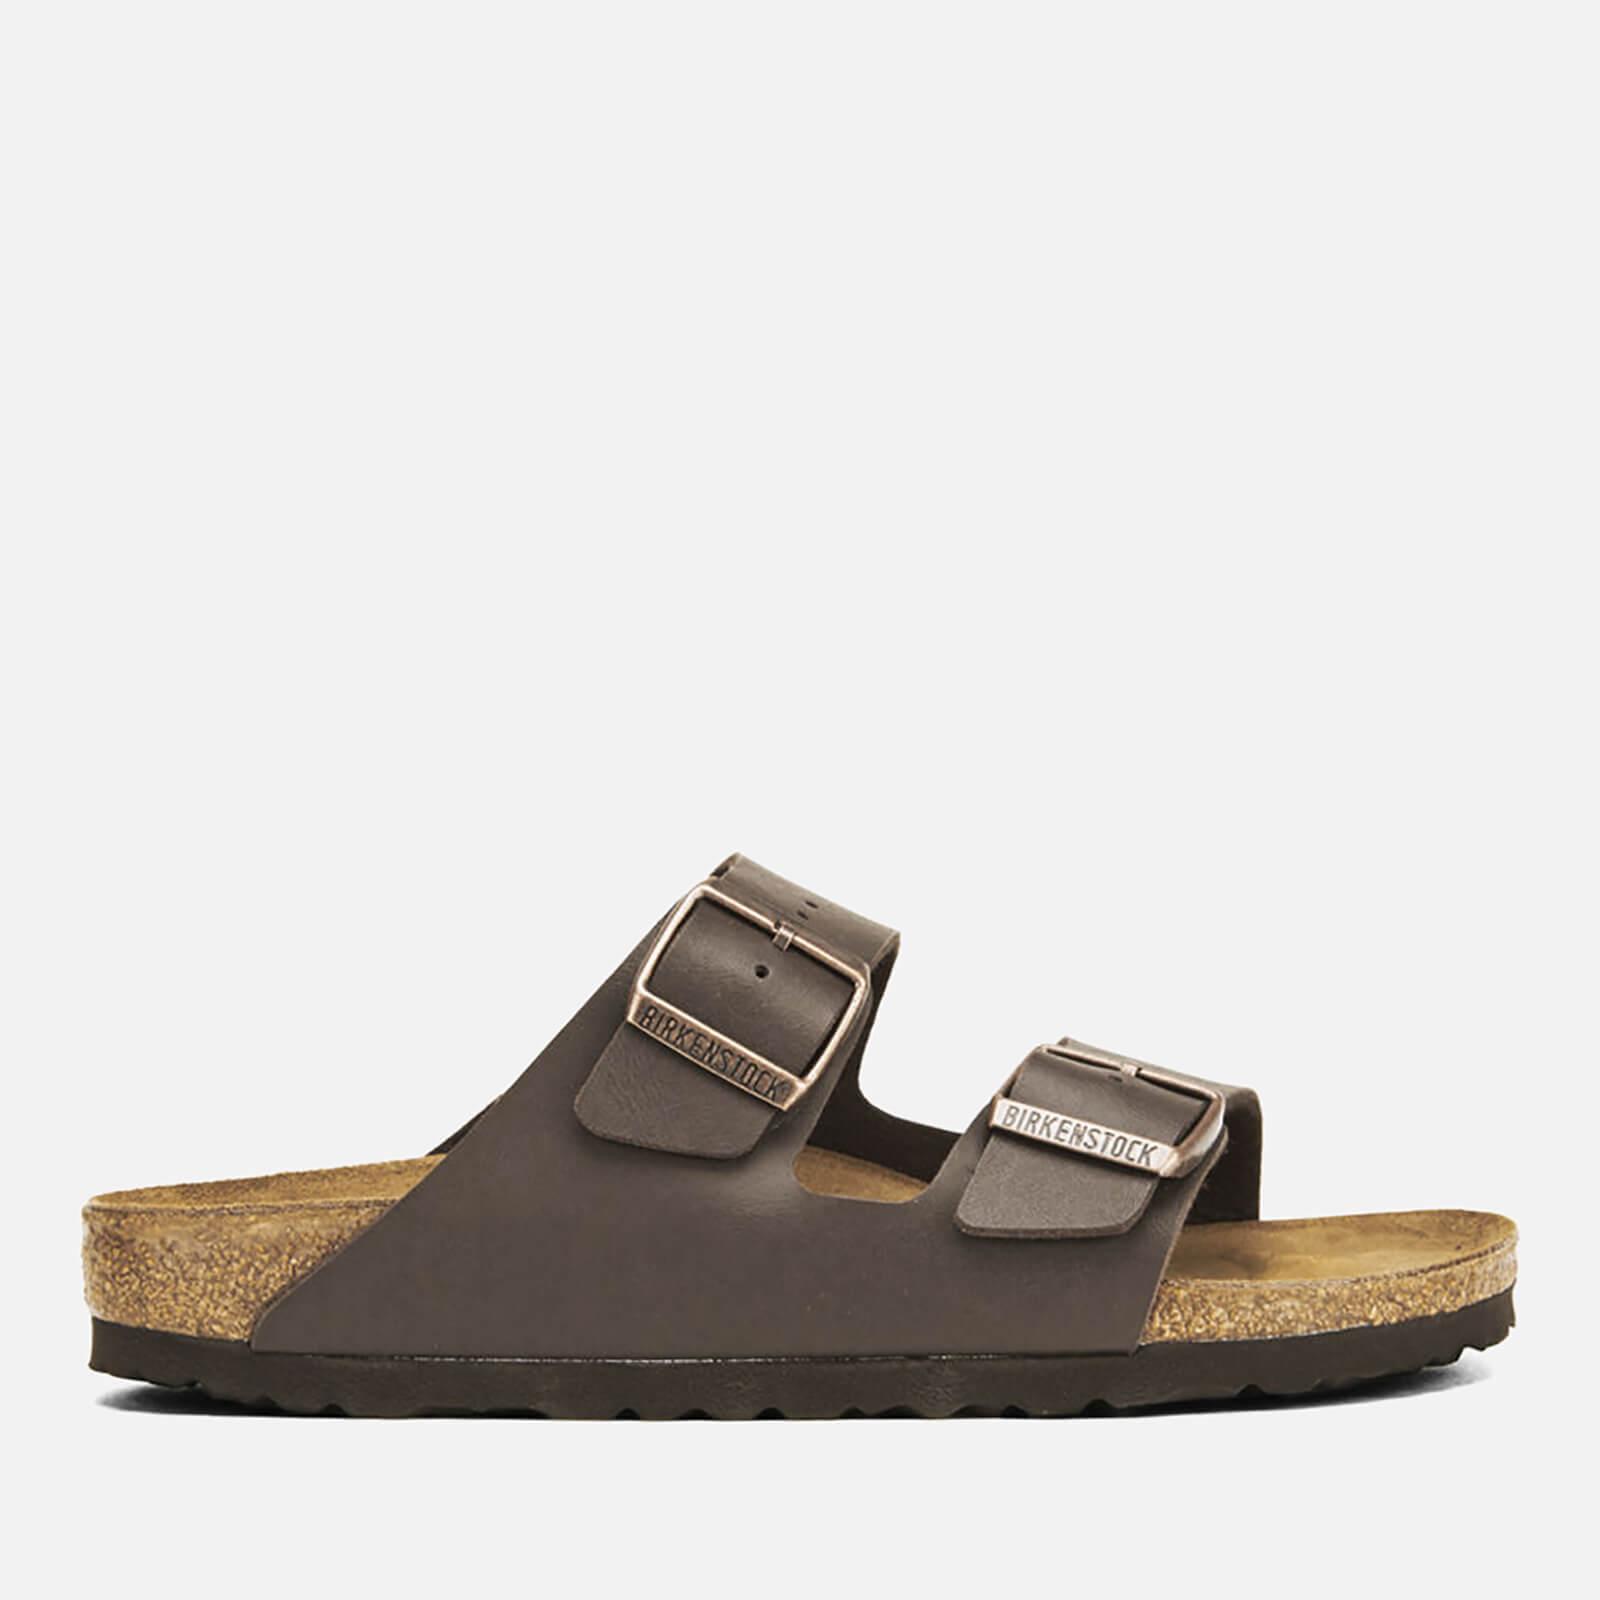 Birkenstock Women's Arizona Slim Fit Double Strap Sandals - Black - Eu 42/Uk 8 - Eu 36/Uk 3.5